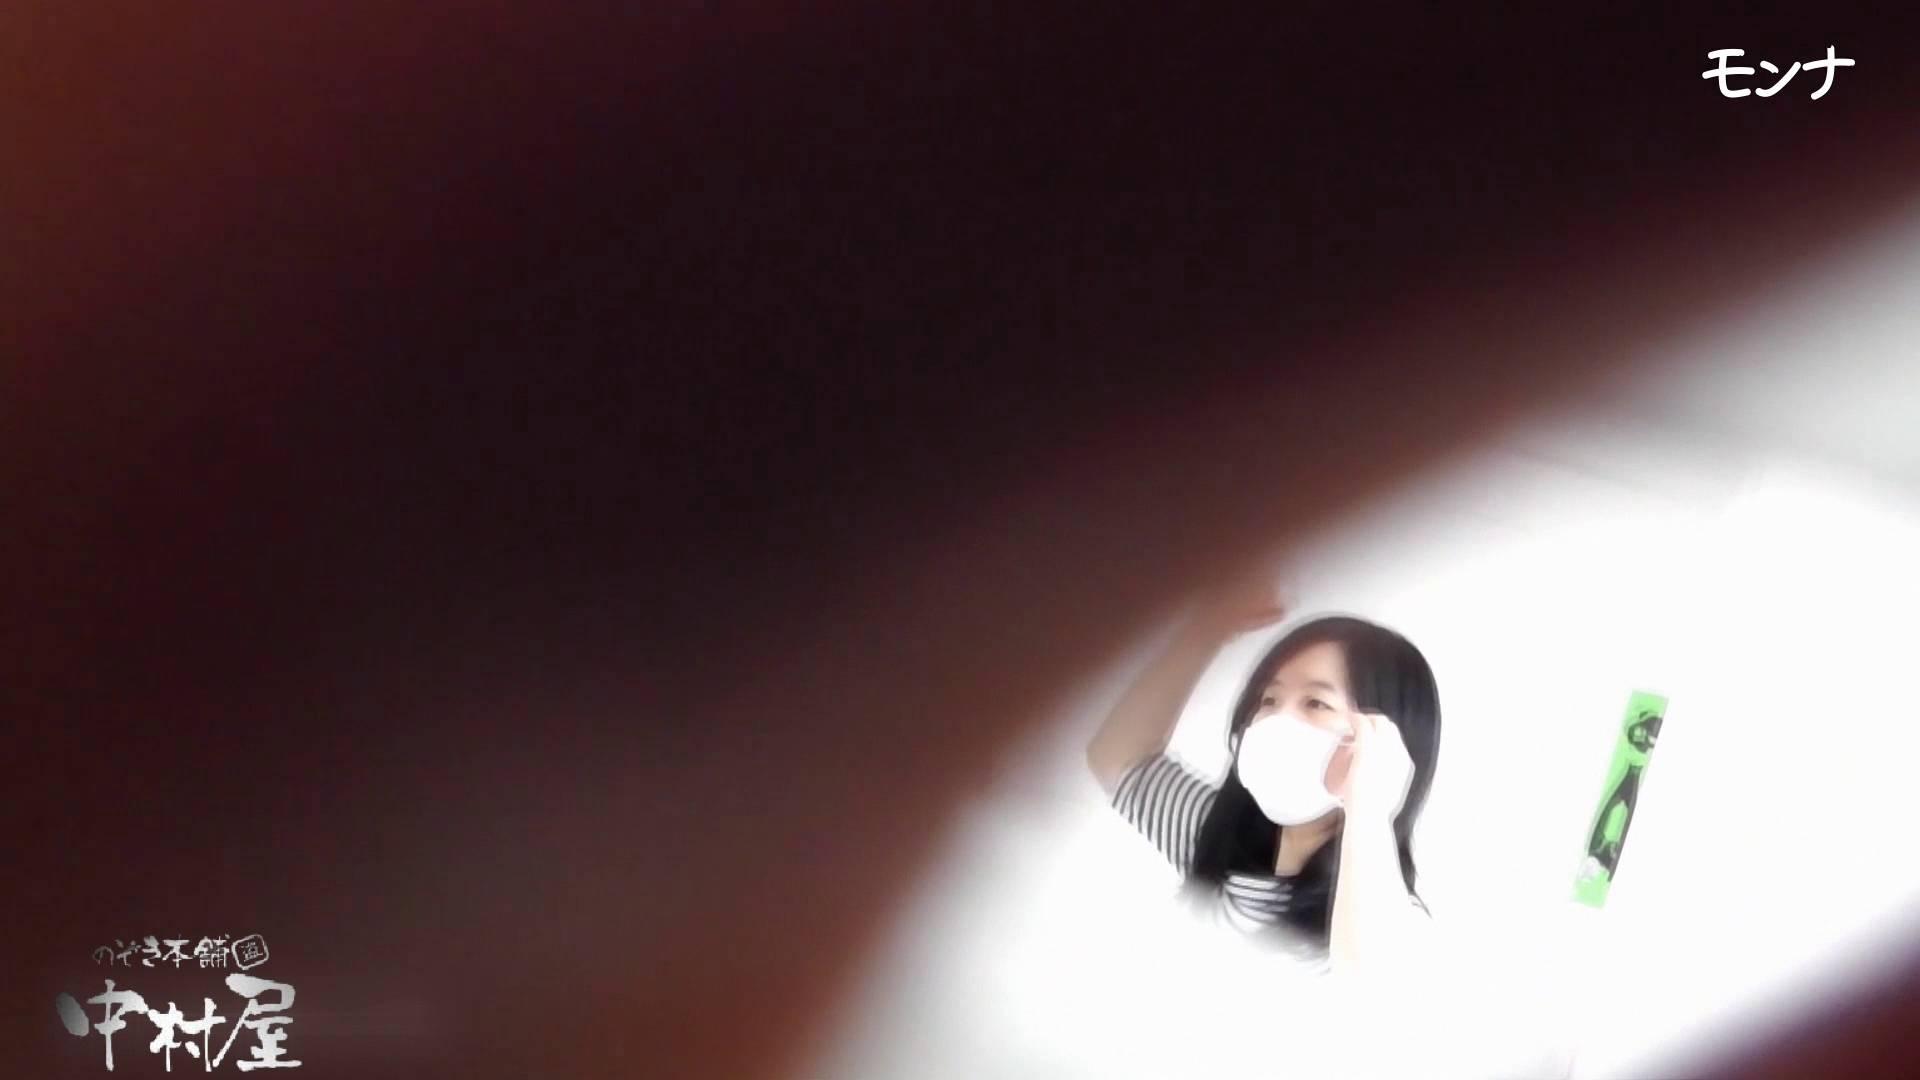 【美しい日本の未来】美しい日本の未来 No.73 自然なセクシーな仕草に感動中 モロだしオマンコ オメコ動画キャプチャ 89pic 59